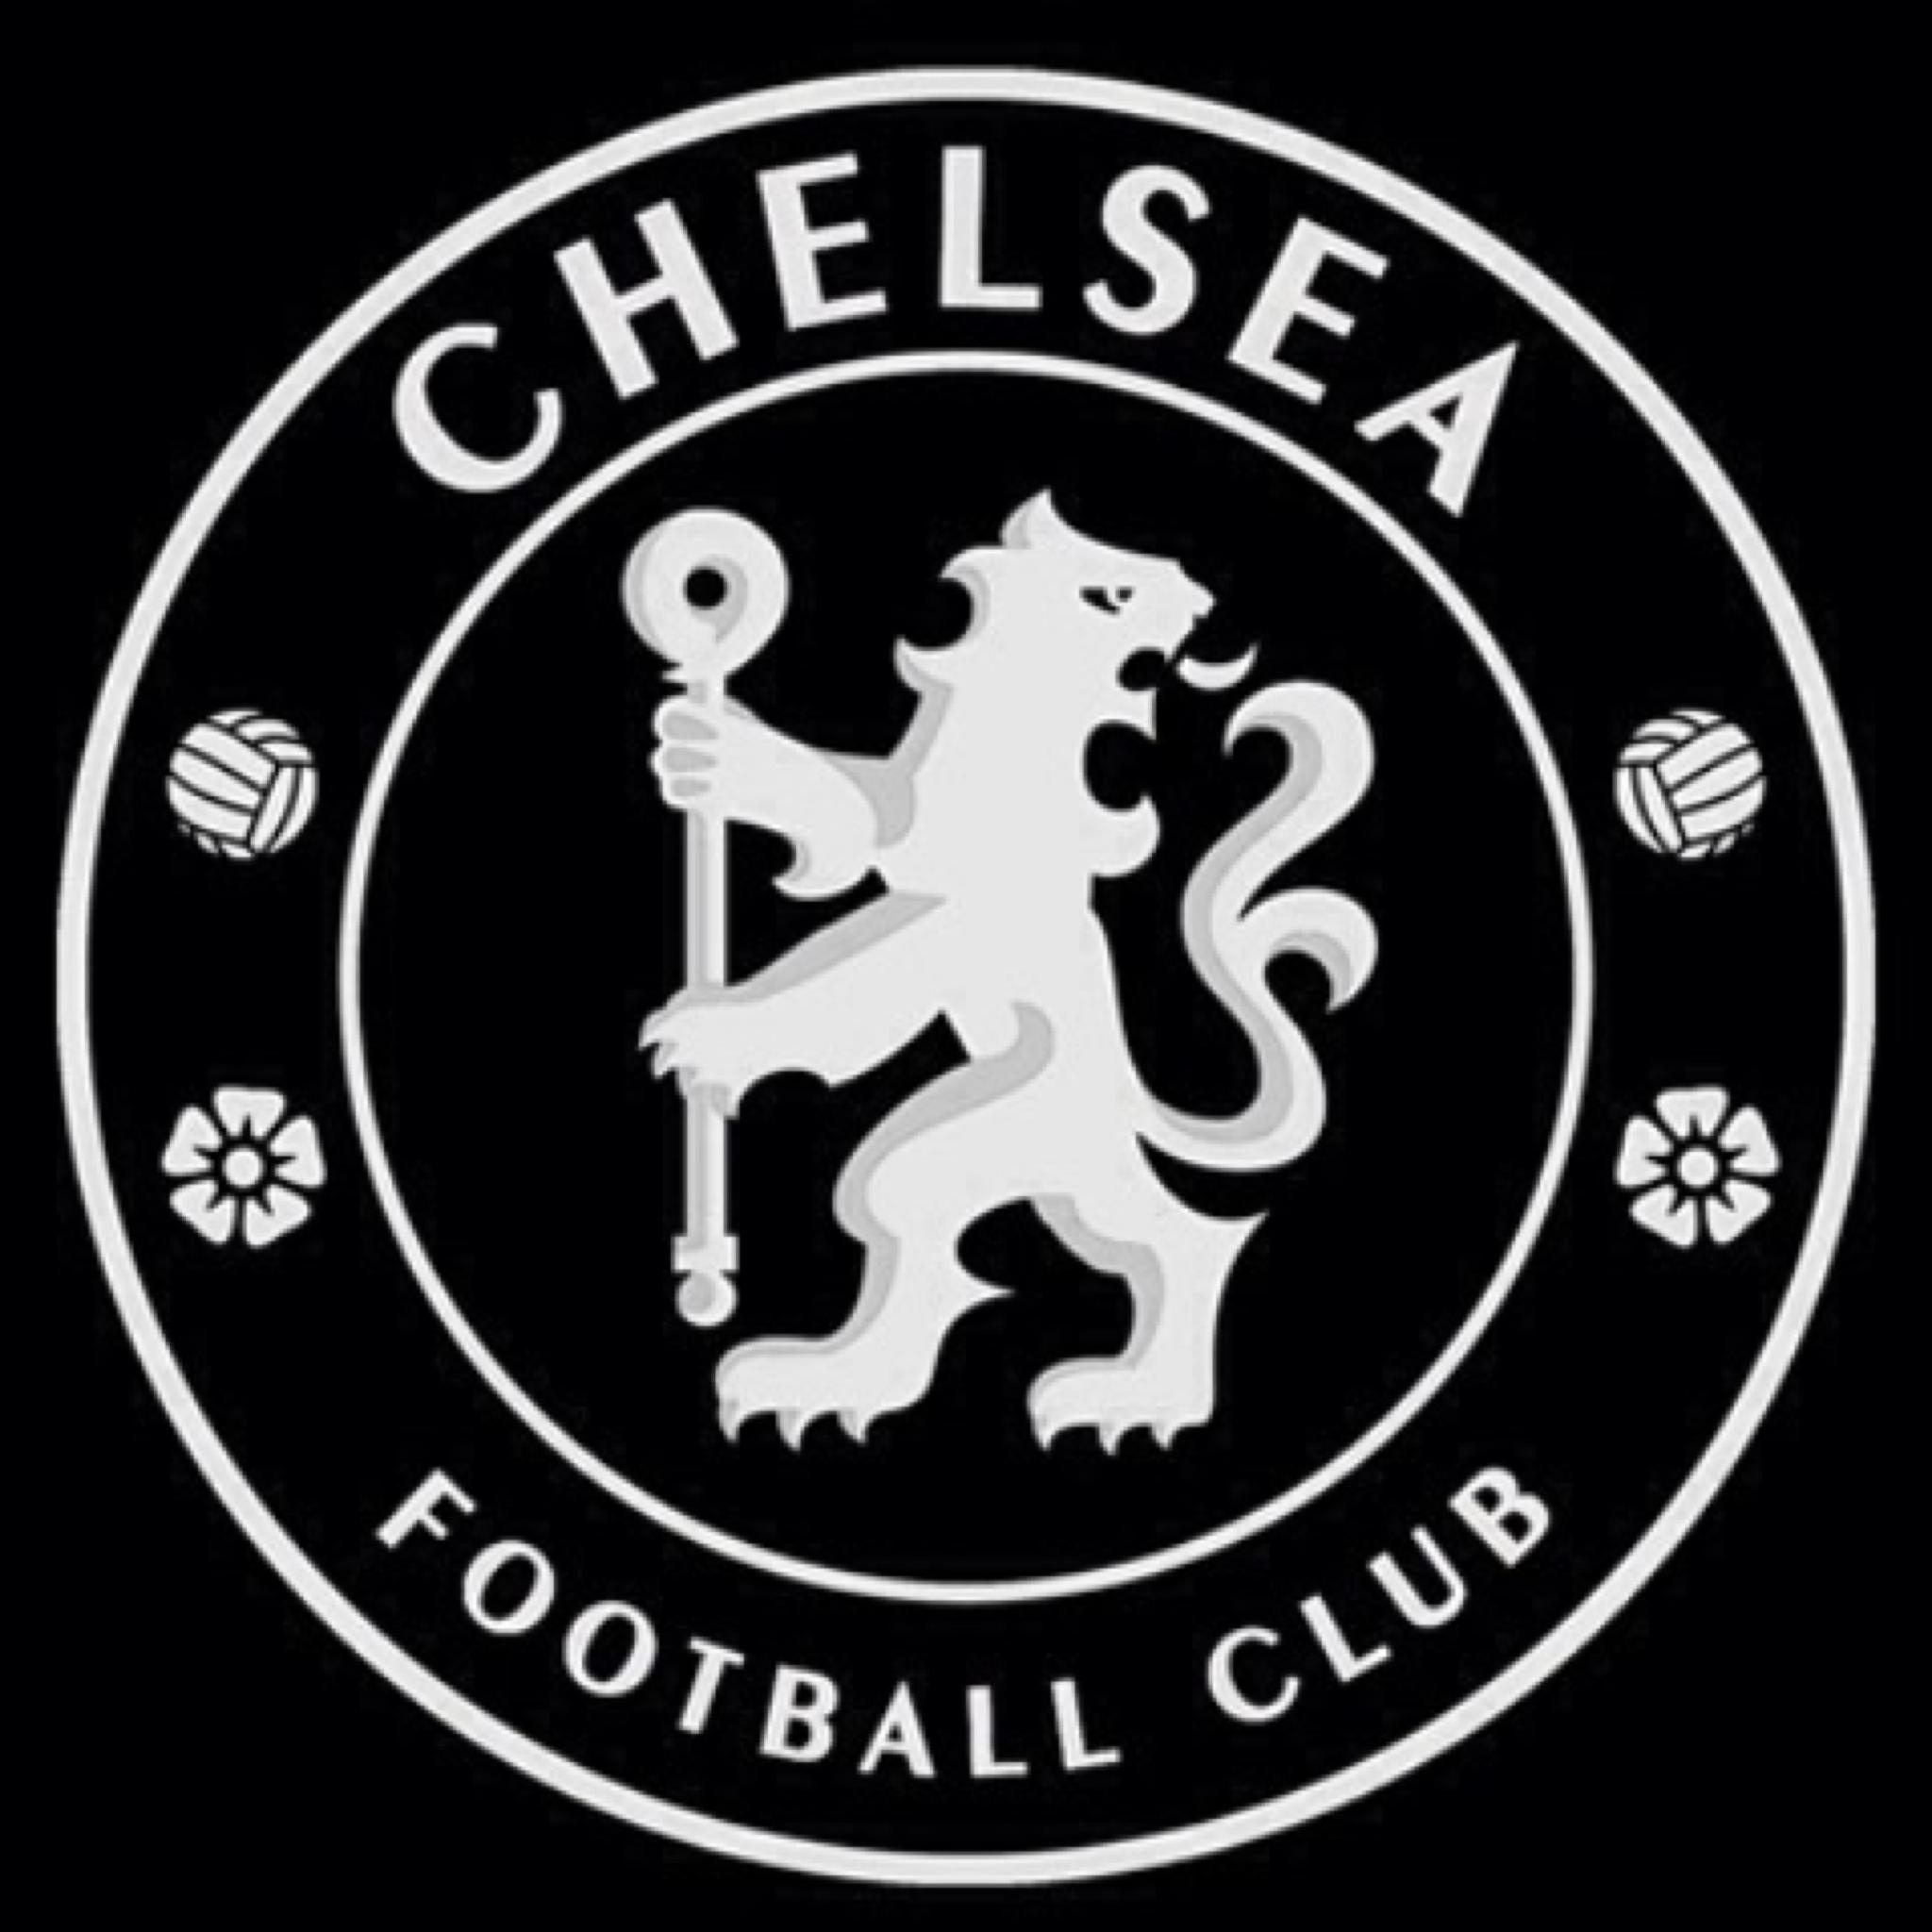 ปักพินในบอร์ด Chelsea Chalee FC